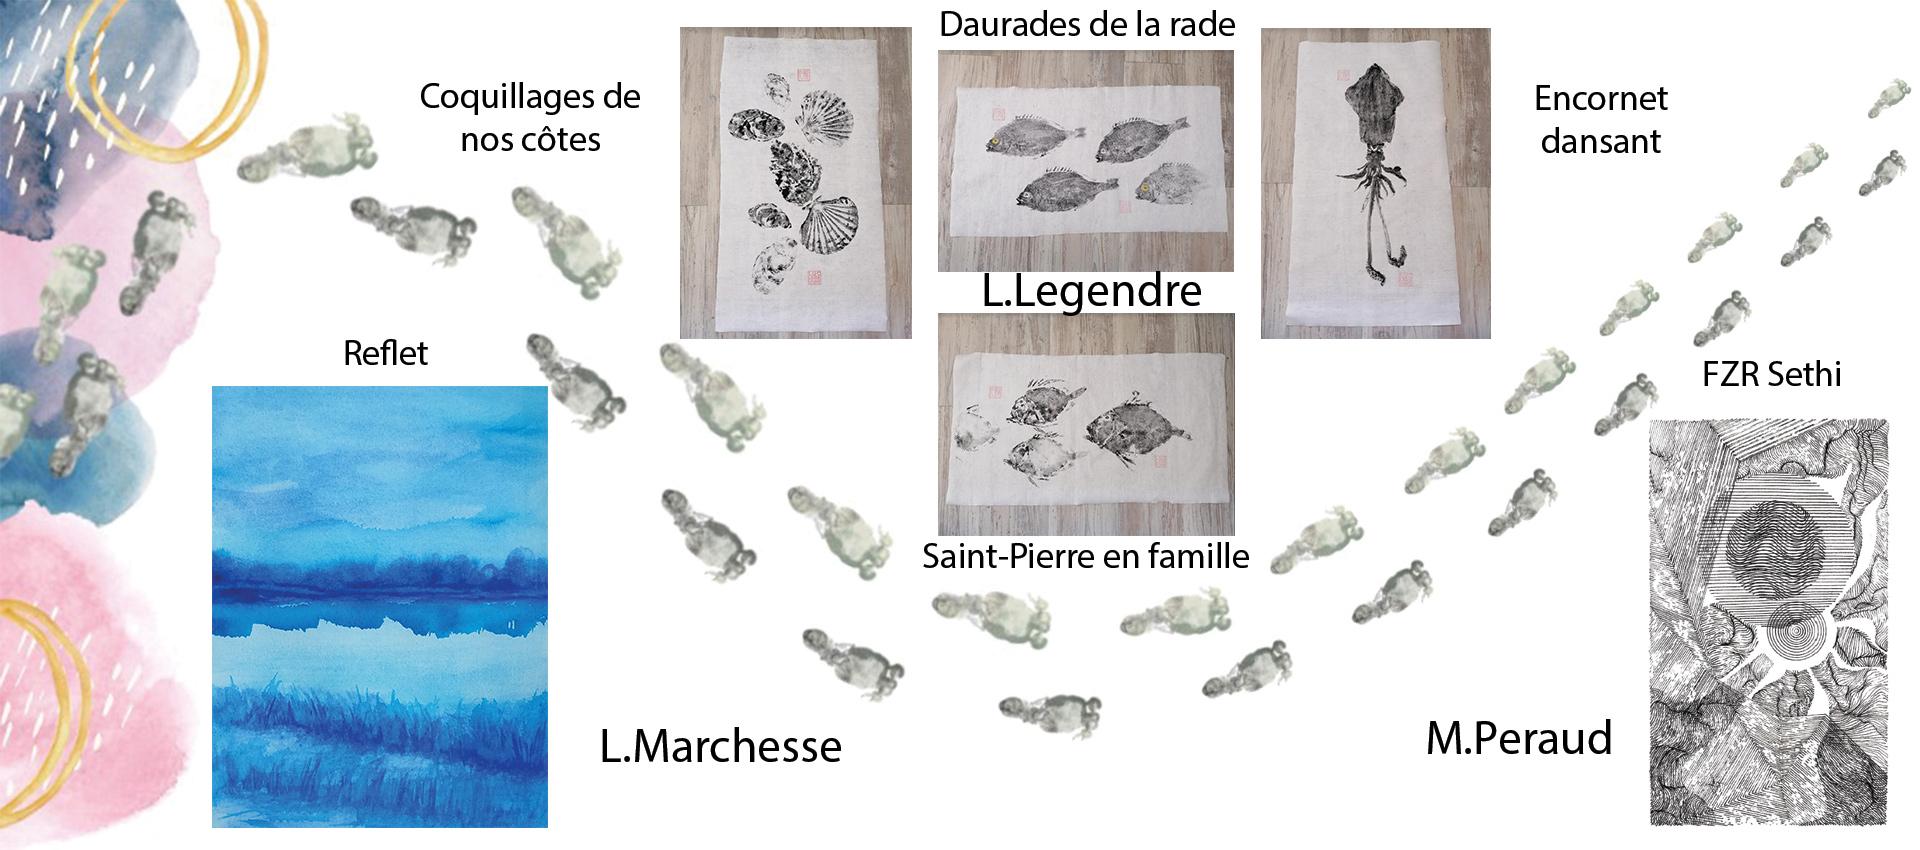 IME - Accueil - 14